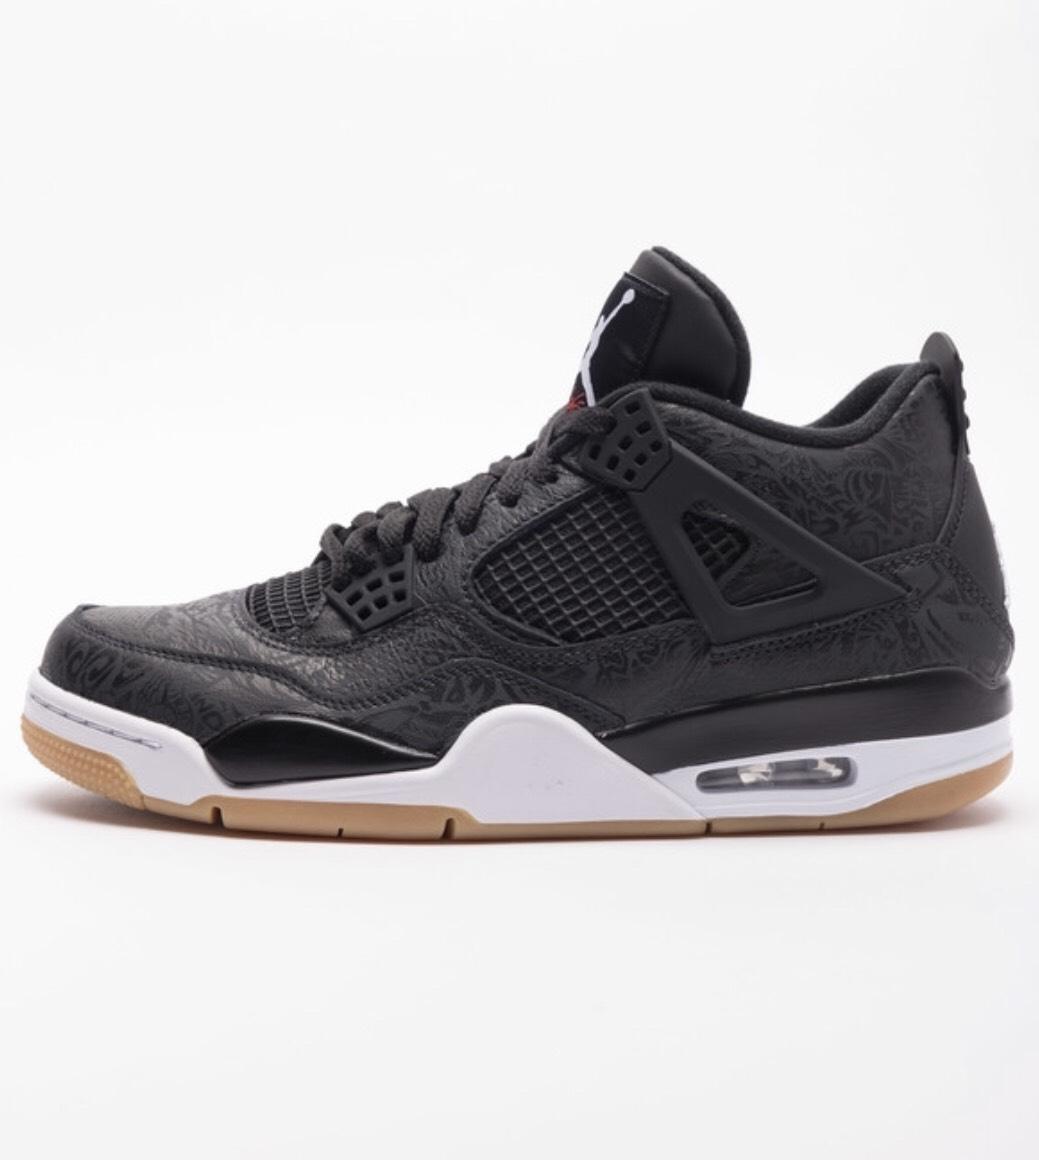 Sélection de Chaussures en promotion - Ex: Paire de chaussures Nike Air Jordan Retro 4 SE - Noir